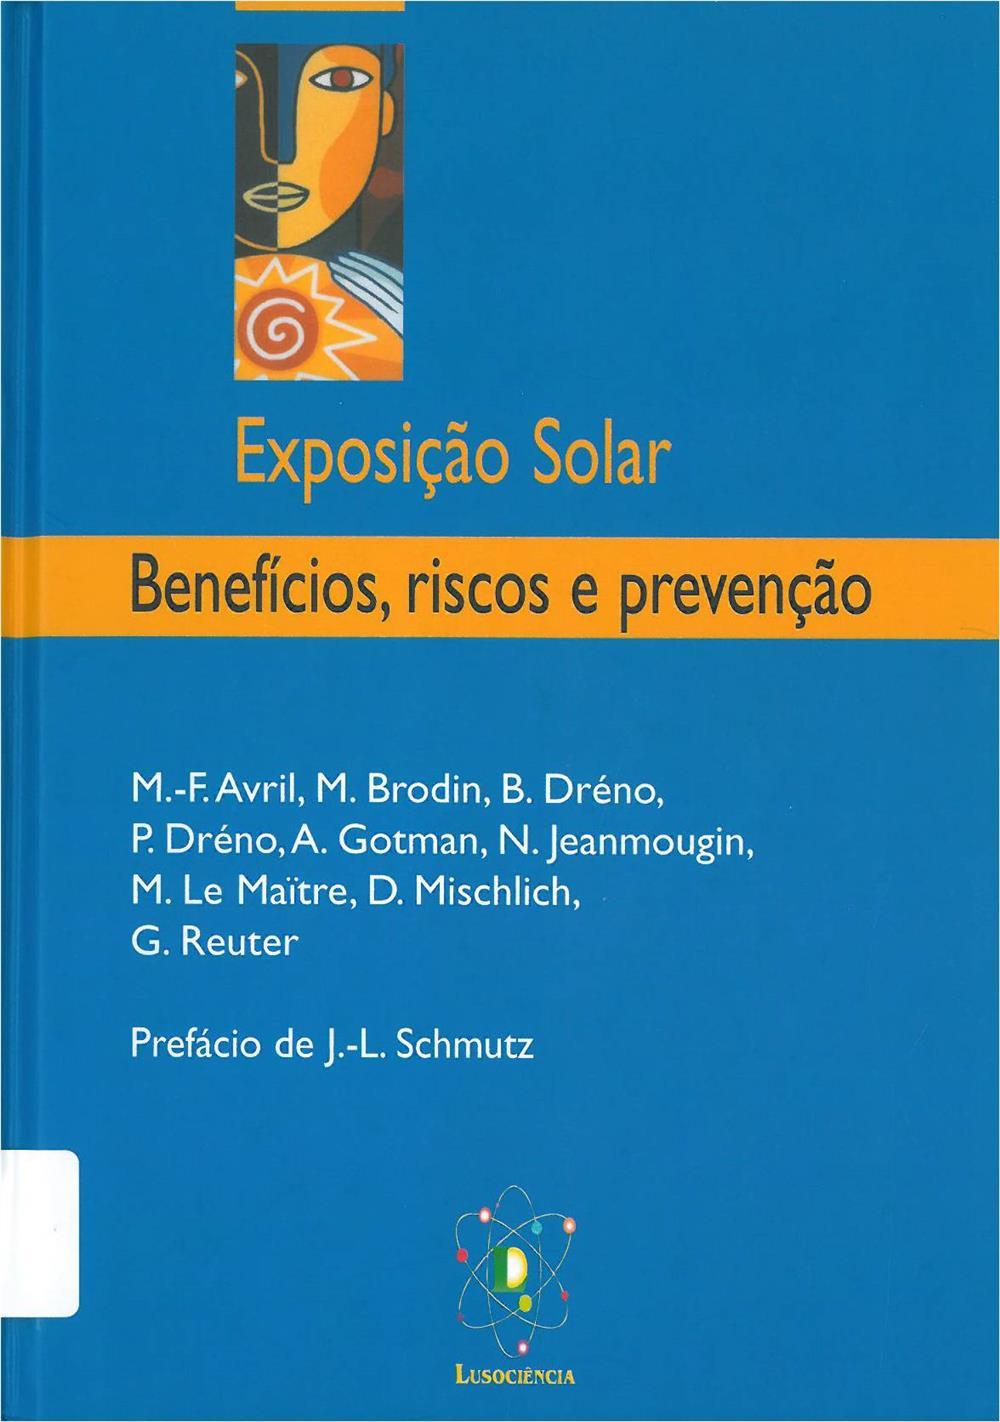 Exposição solar_.jpg